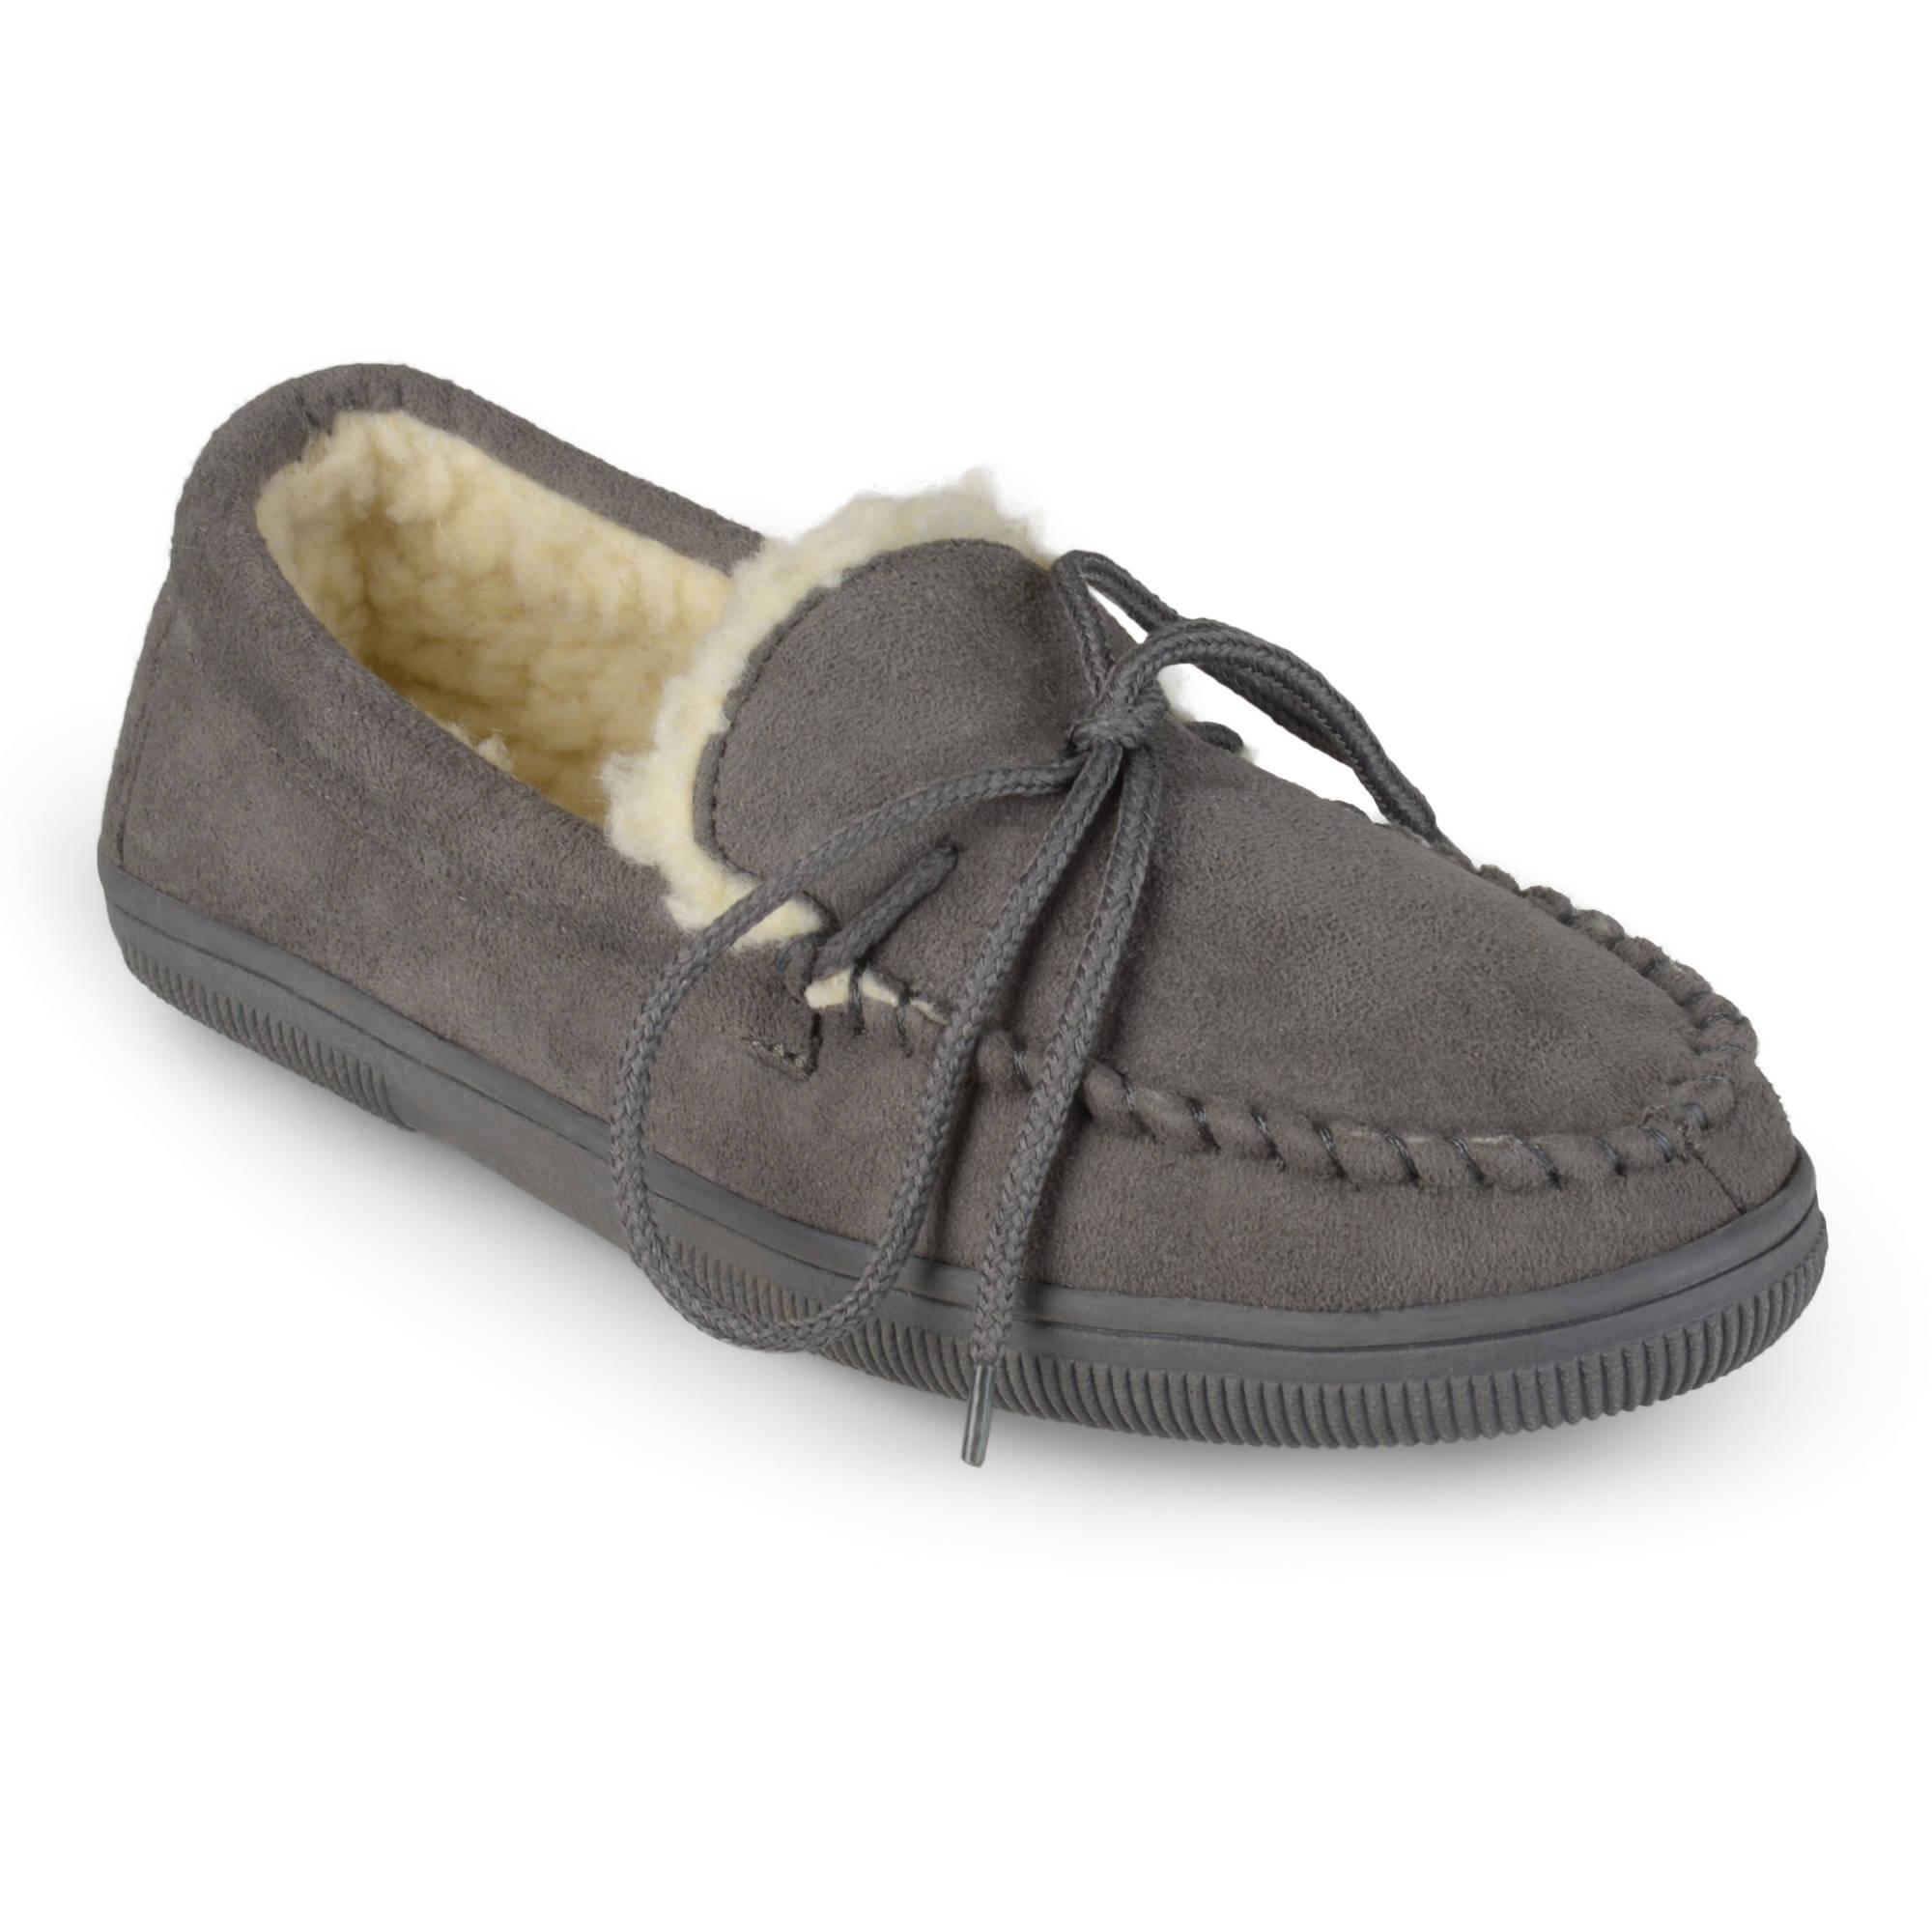 Pindari Men's Faux Suede Moccasin Slippers